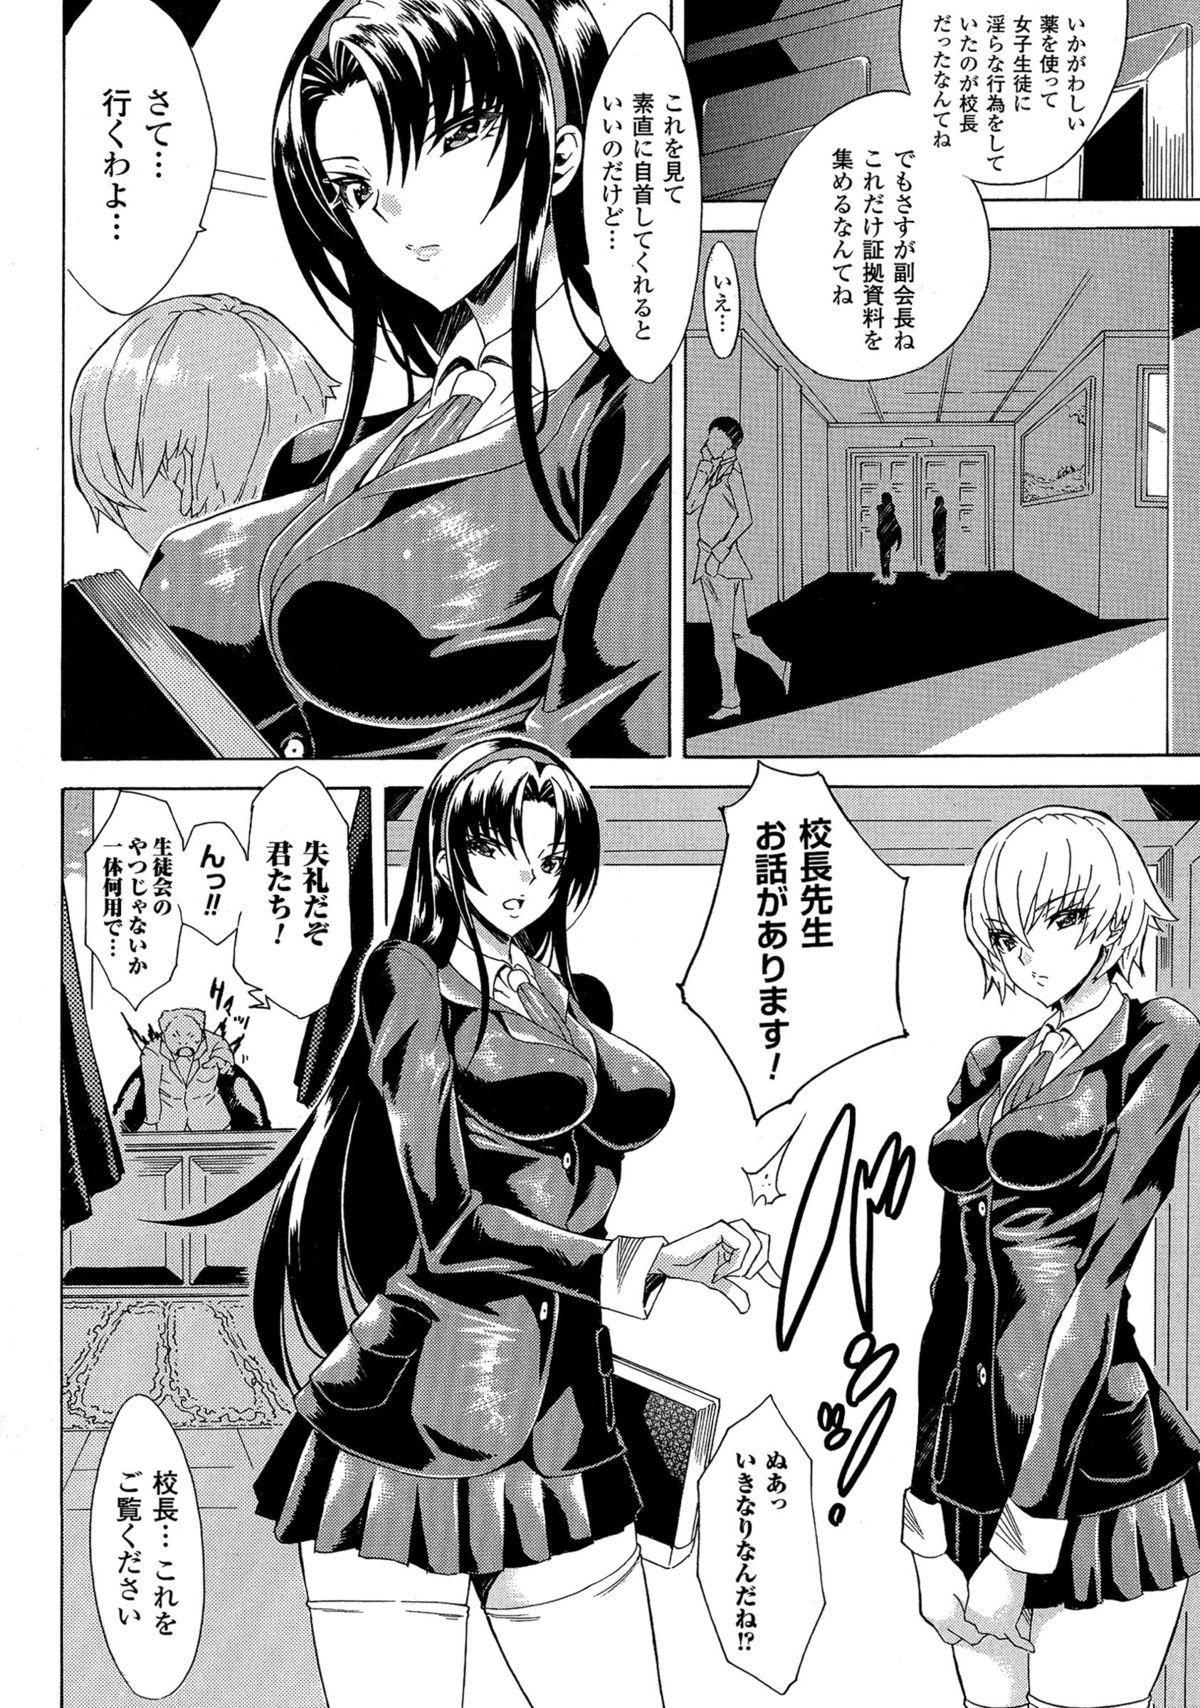 Kachiki na Onna ga Buzama na Ahegao o Sarasu made 45